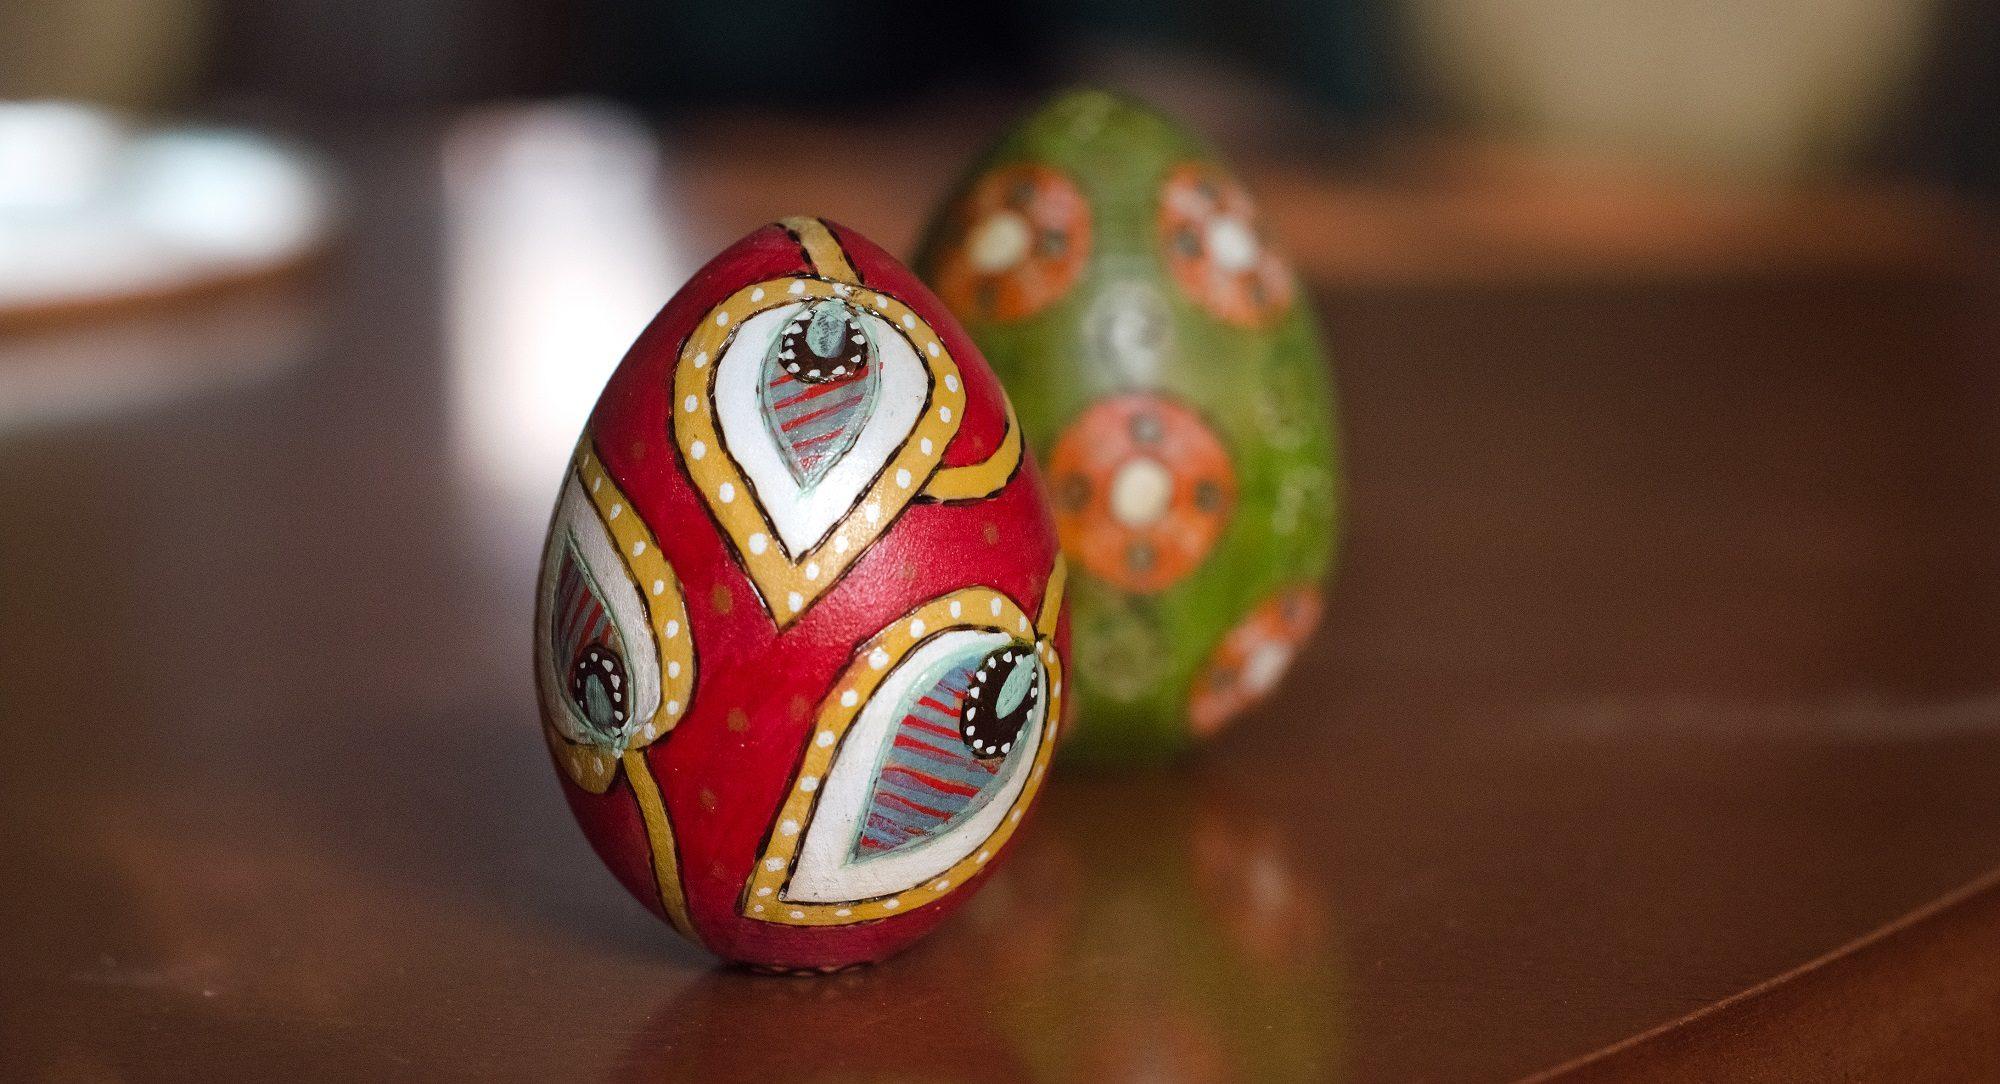 Весна в Русском стиле. Мастер-класс «Пасхальный подарок» – события на сайте «Московские Сезоны»